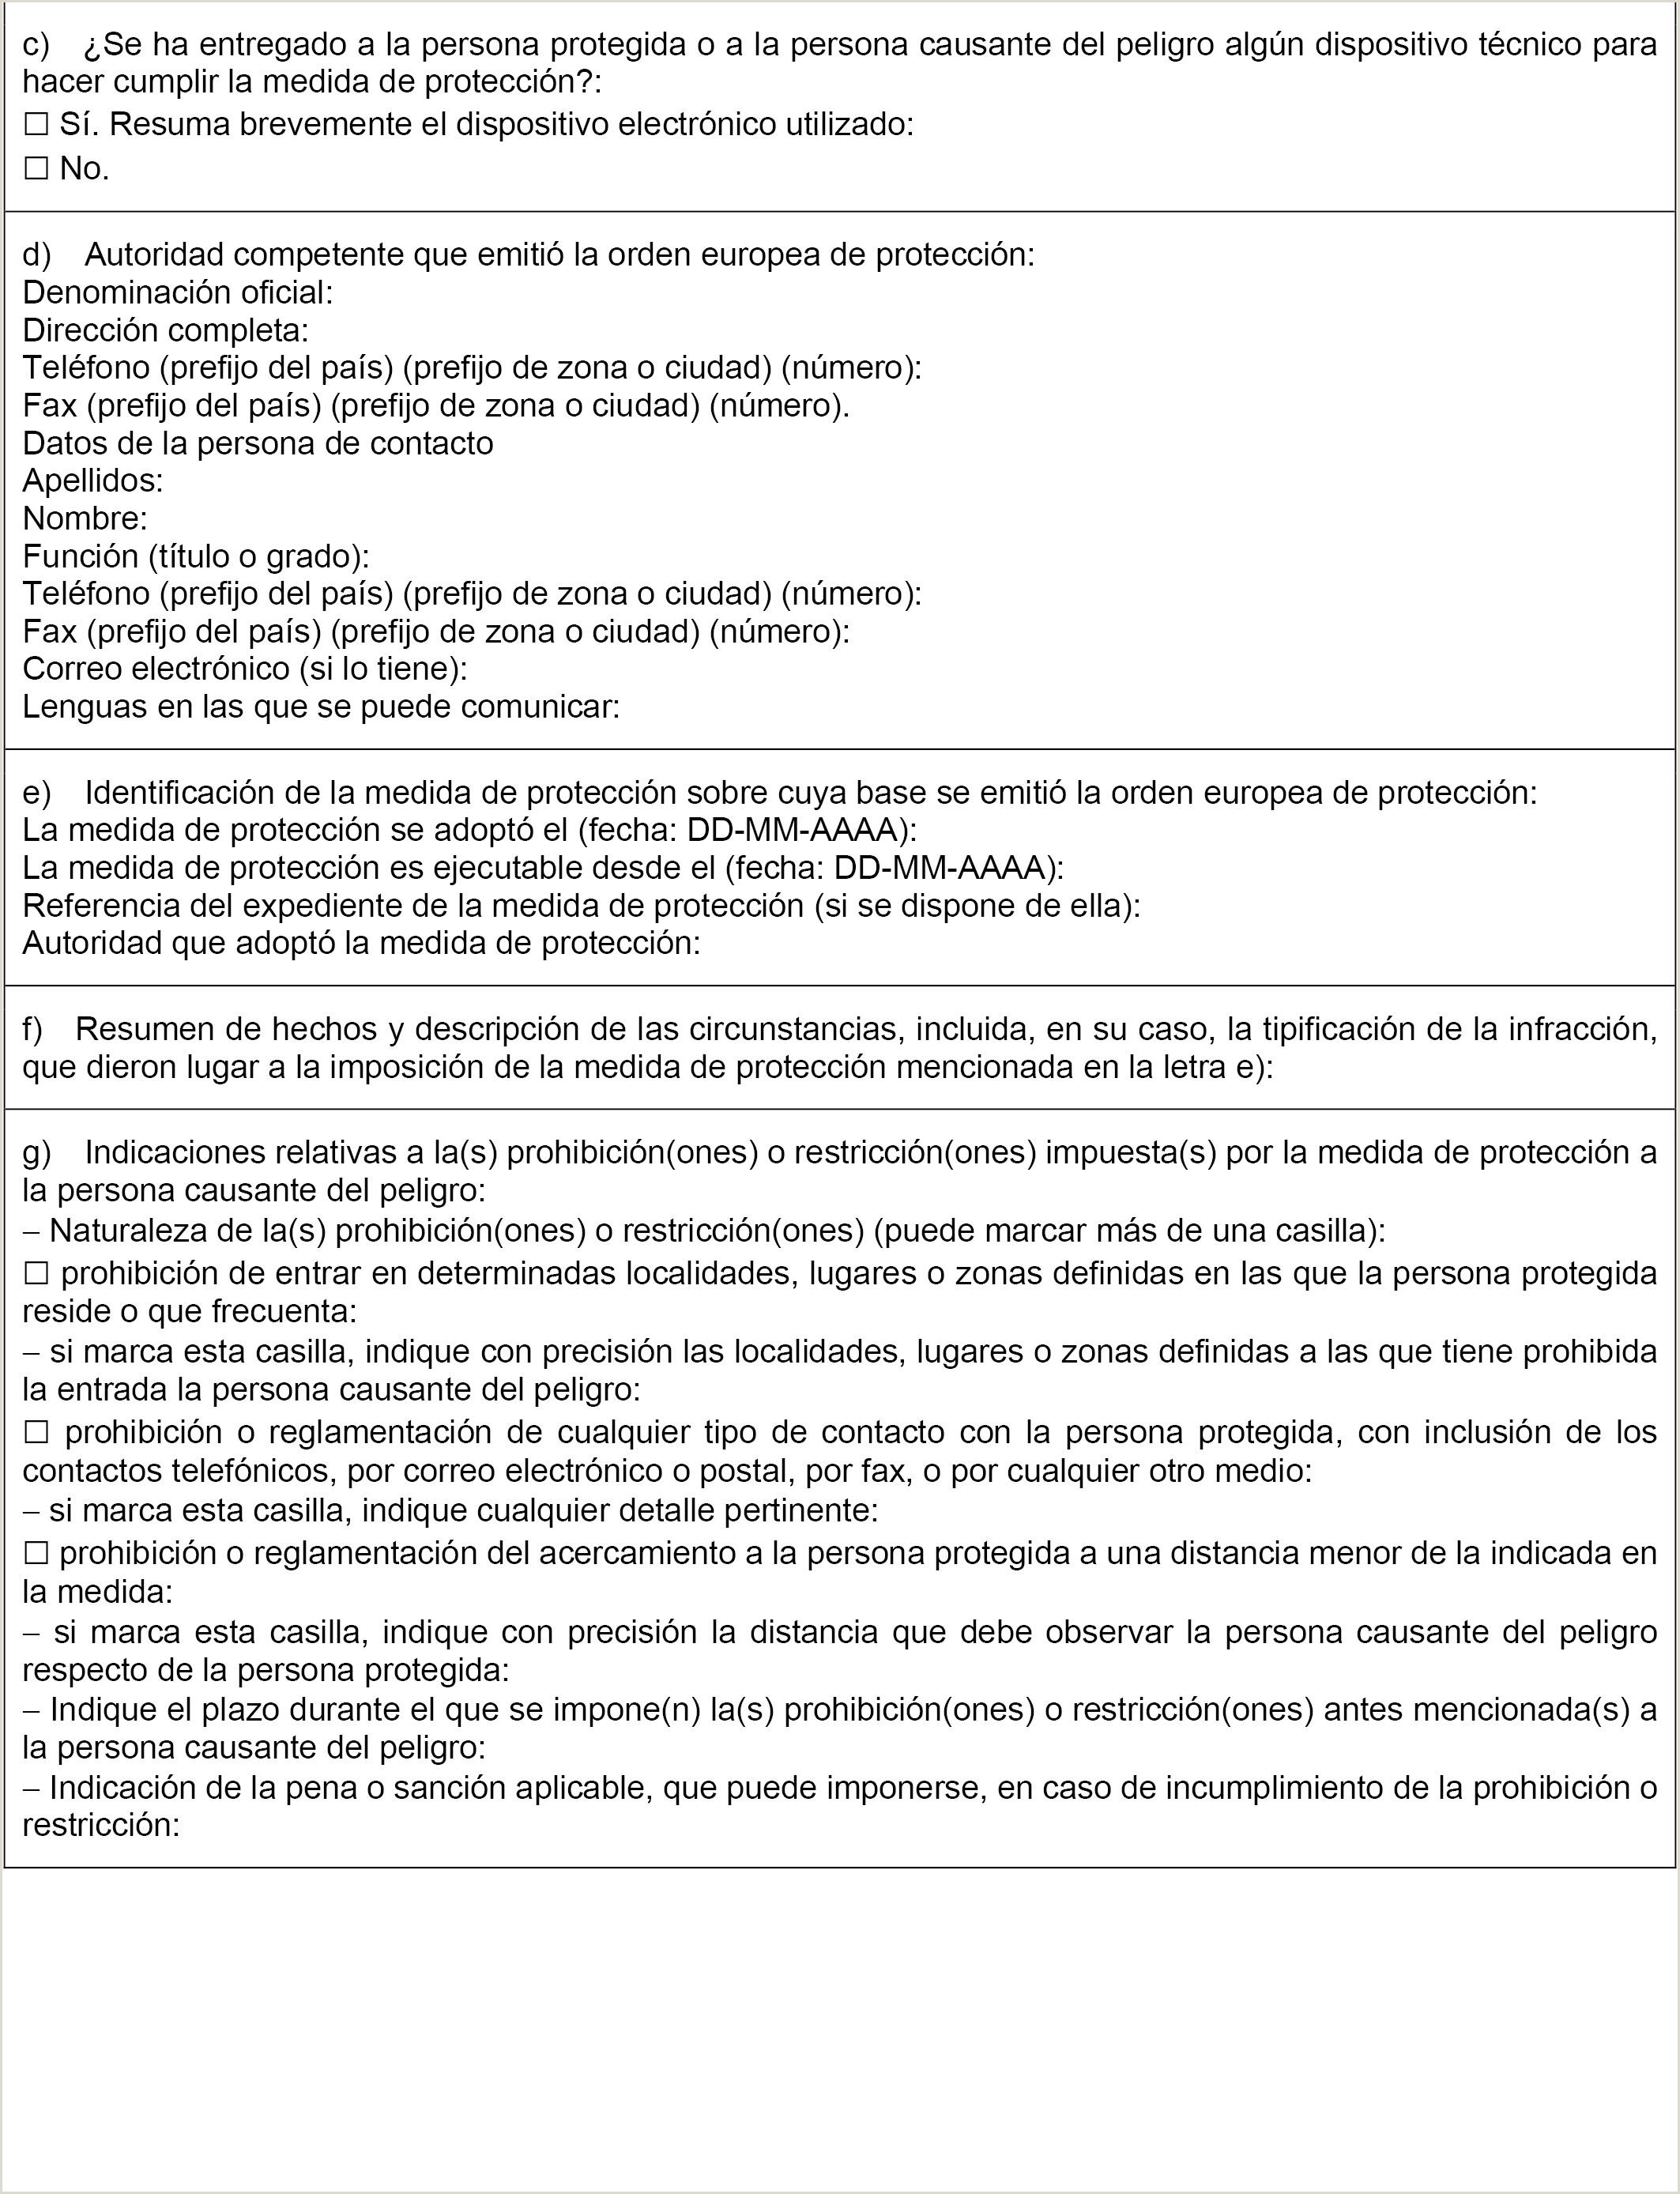 Formato De Hoja De Vida 2018 Colombia Boe Documento Consolidado Boe A 2014